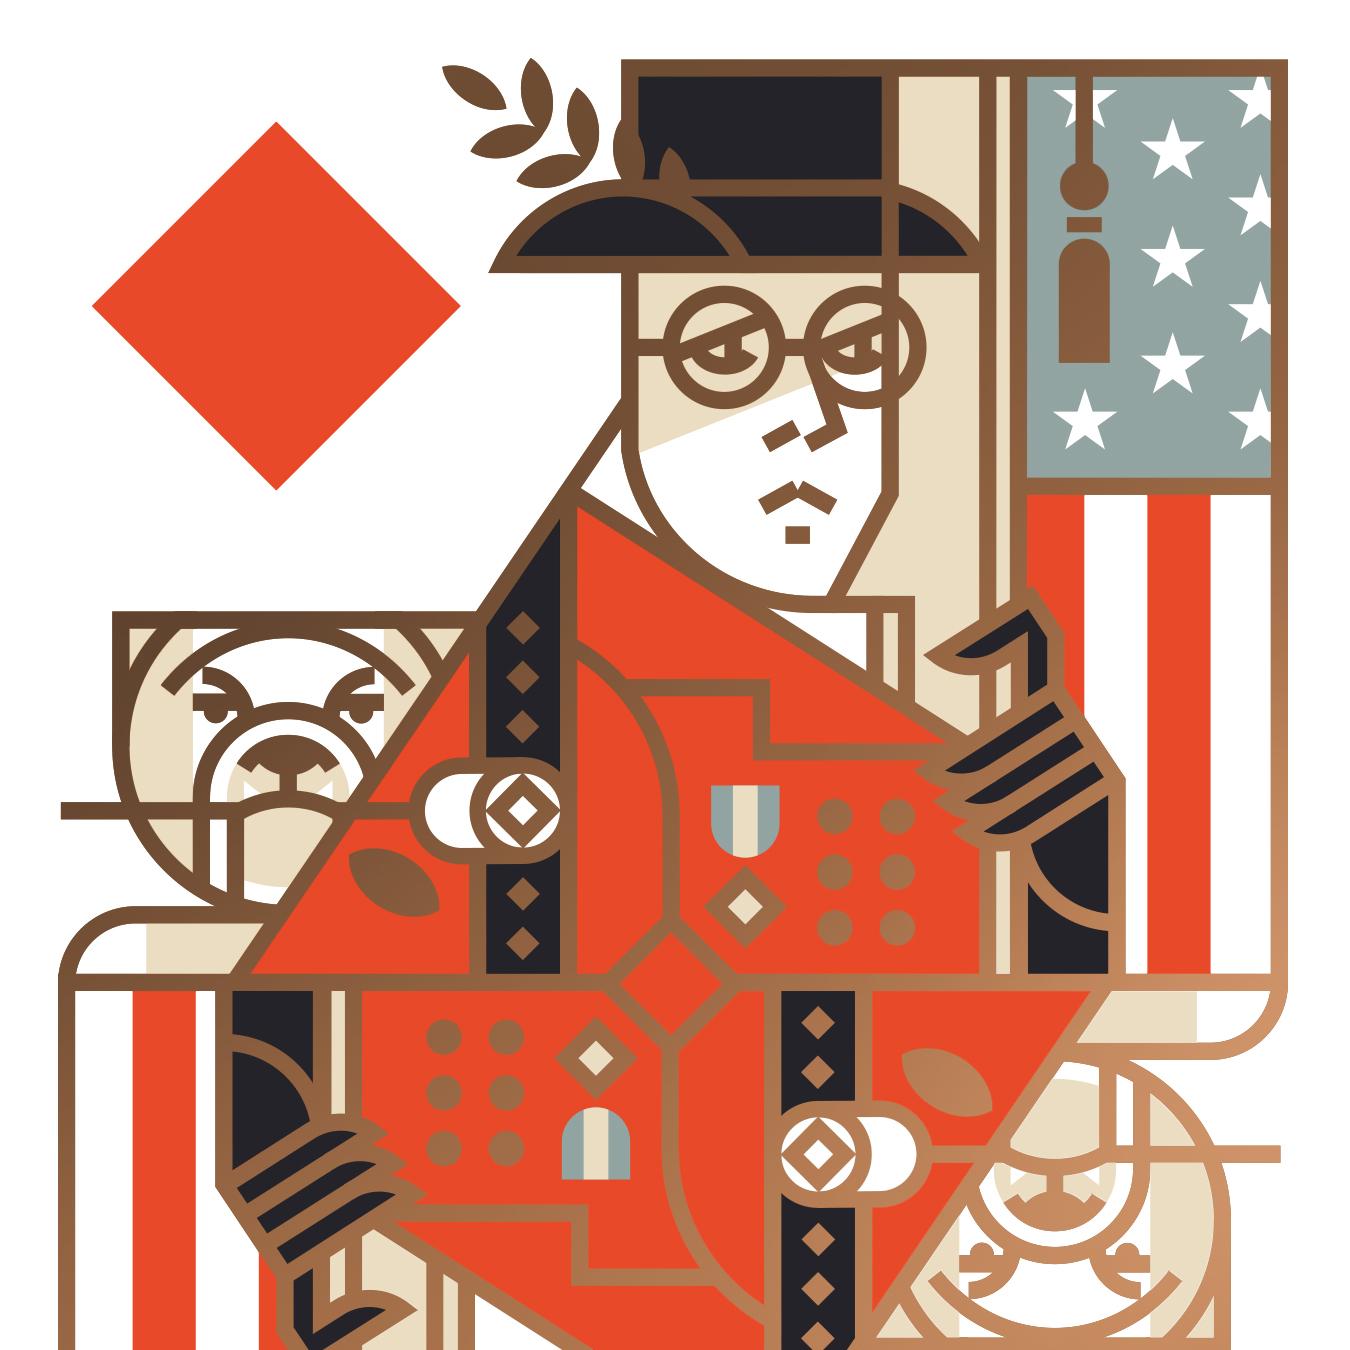 Union Playing Card King of Diamonds English Bulldog Illustration